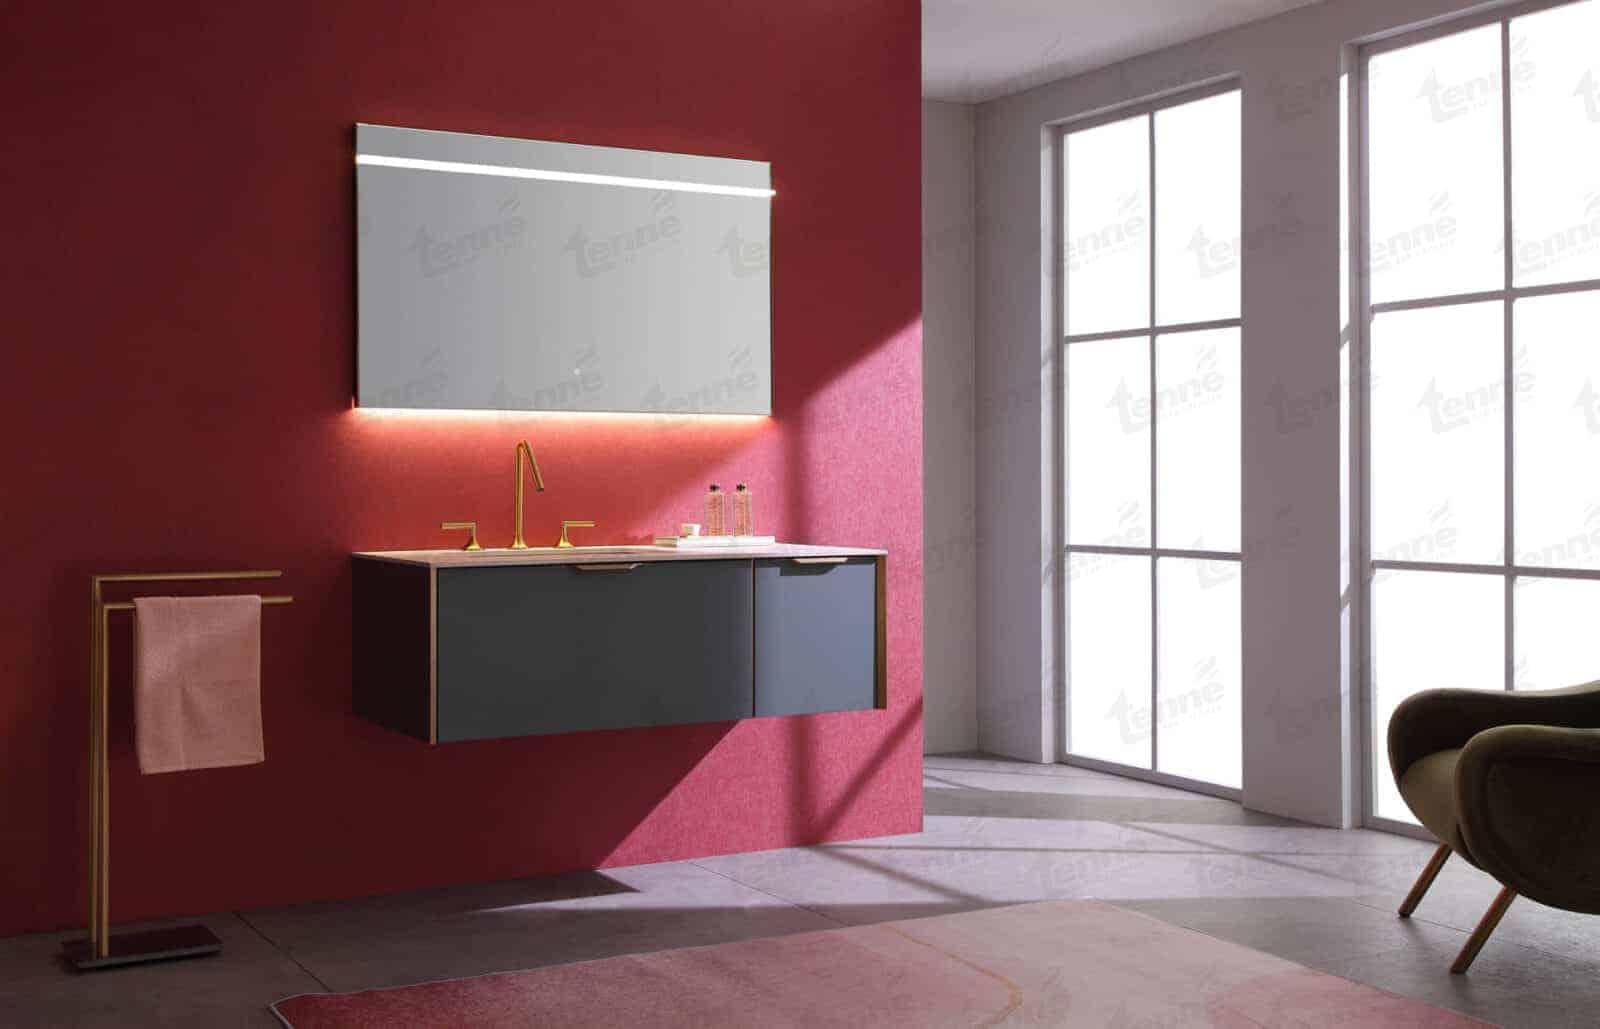 ארון אמבטיה מודרני דגם שרון